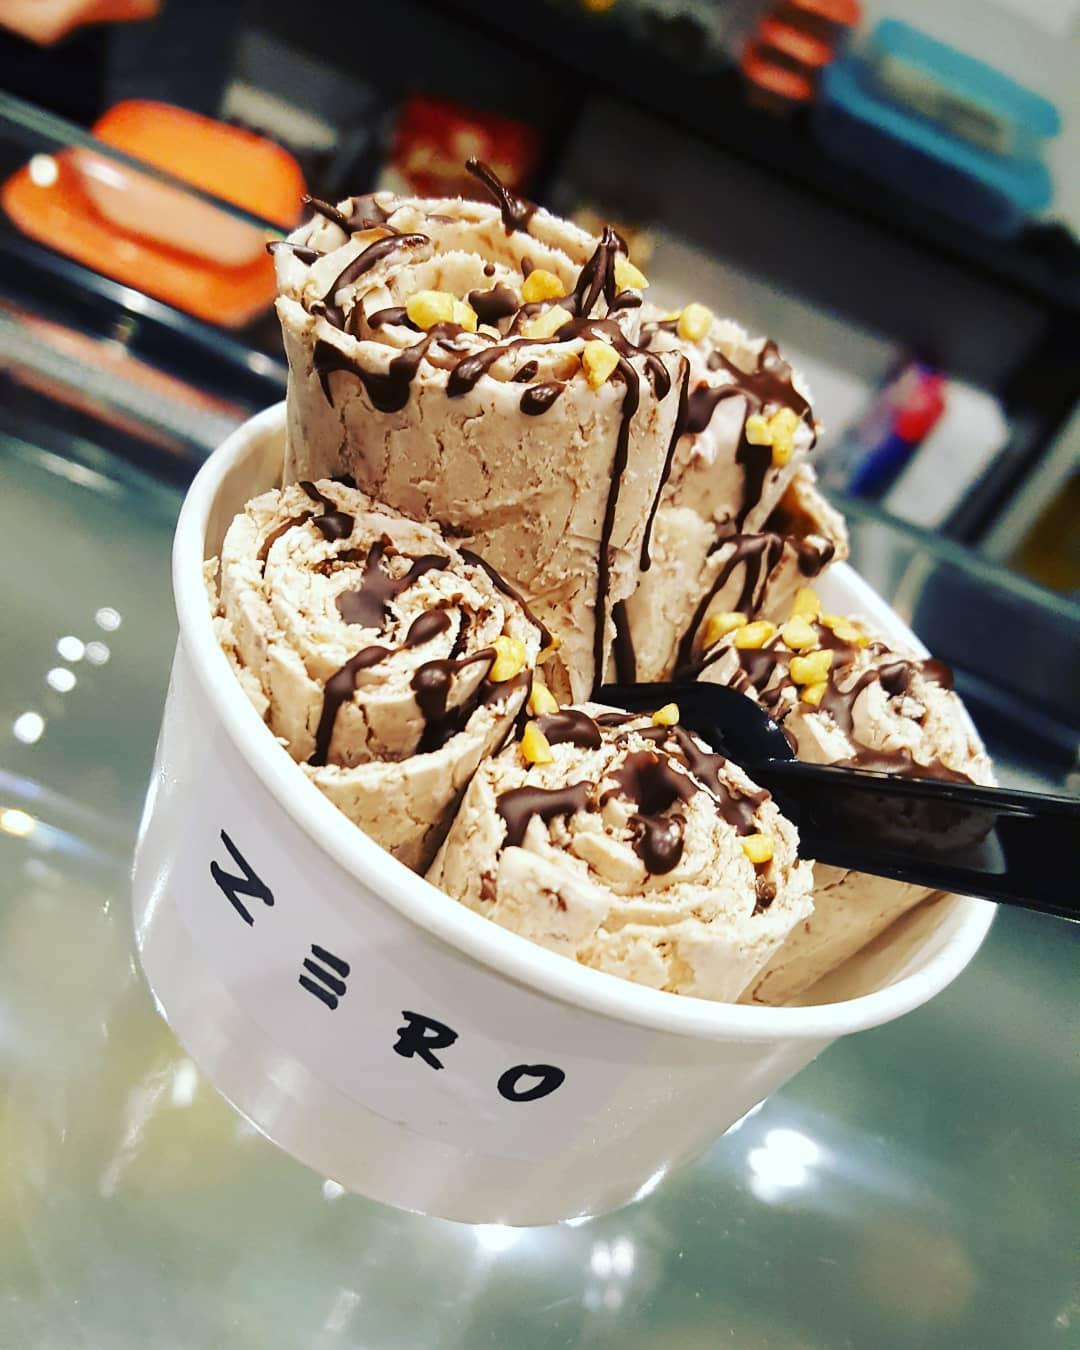 coppetta di gelato thailandese con roll di gelato